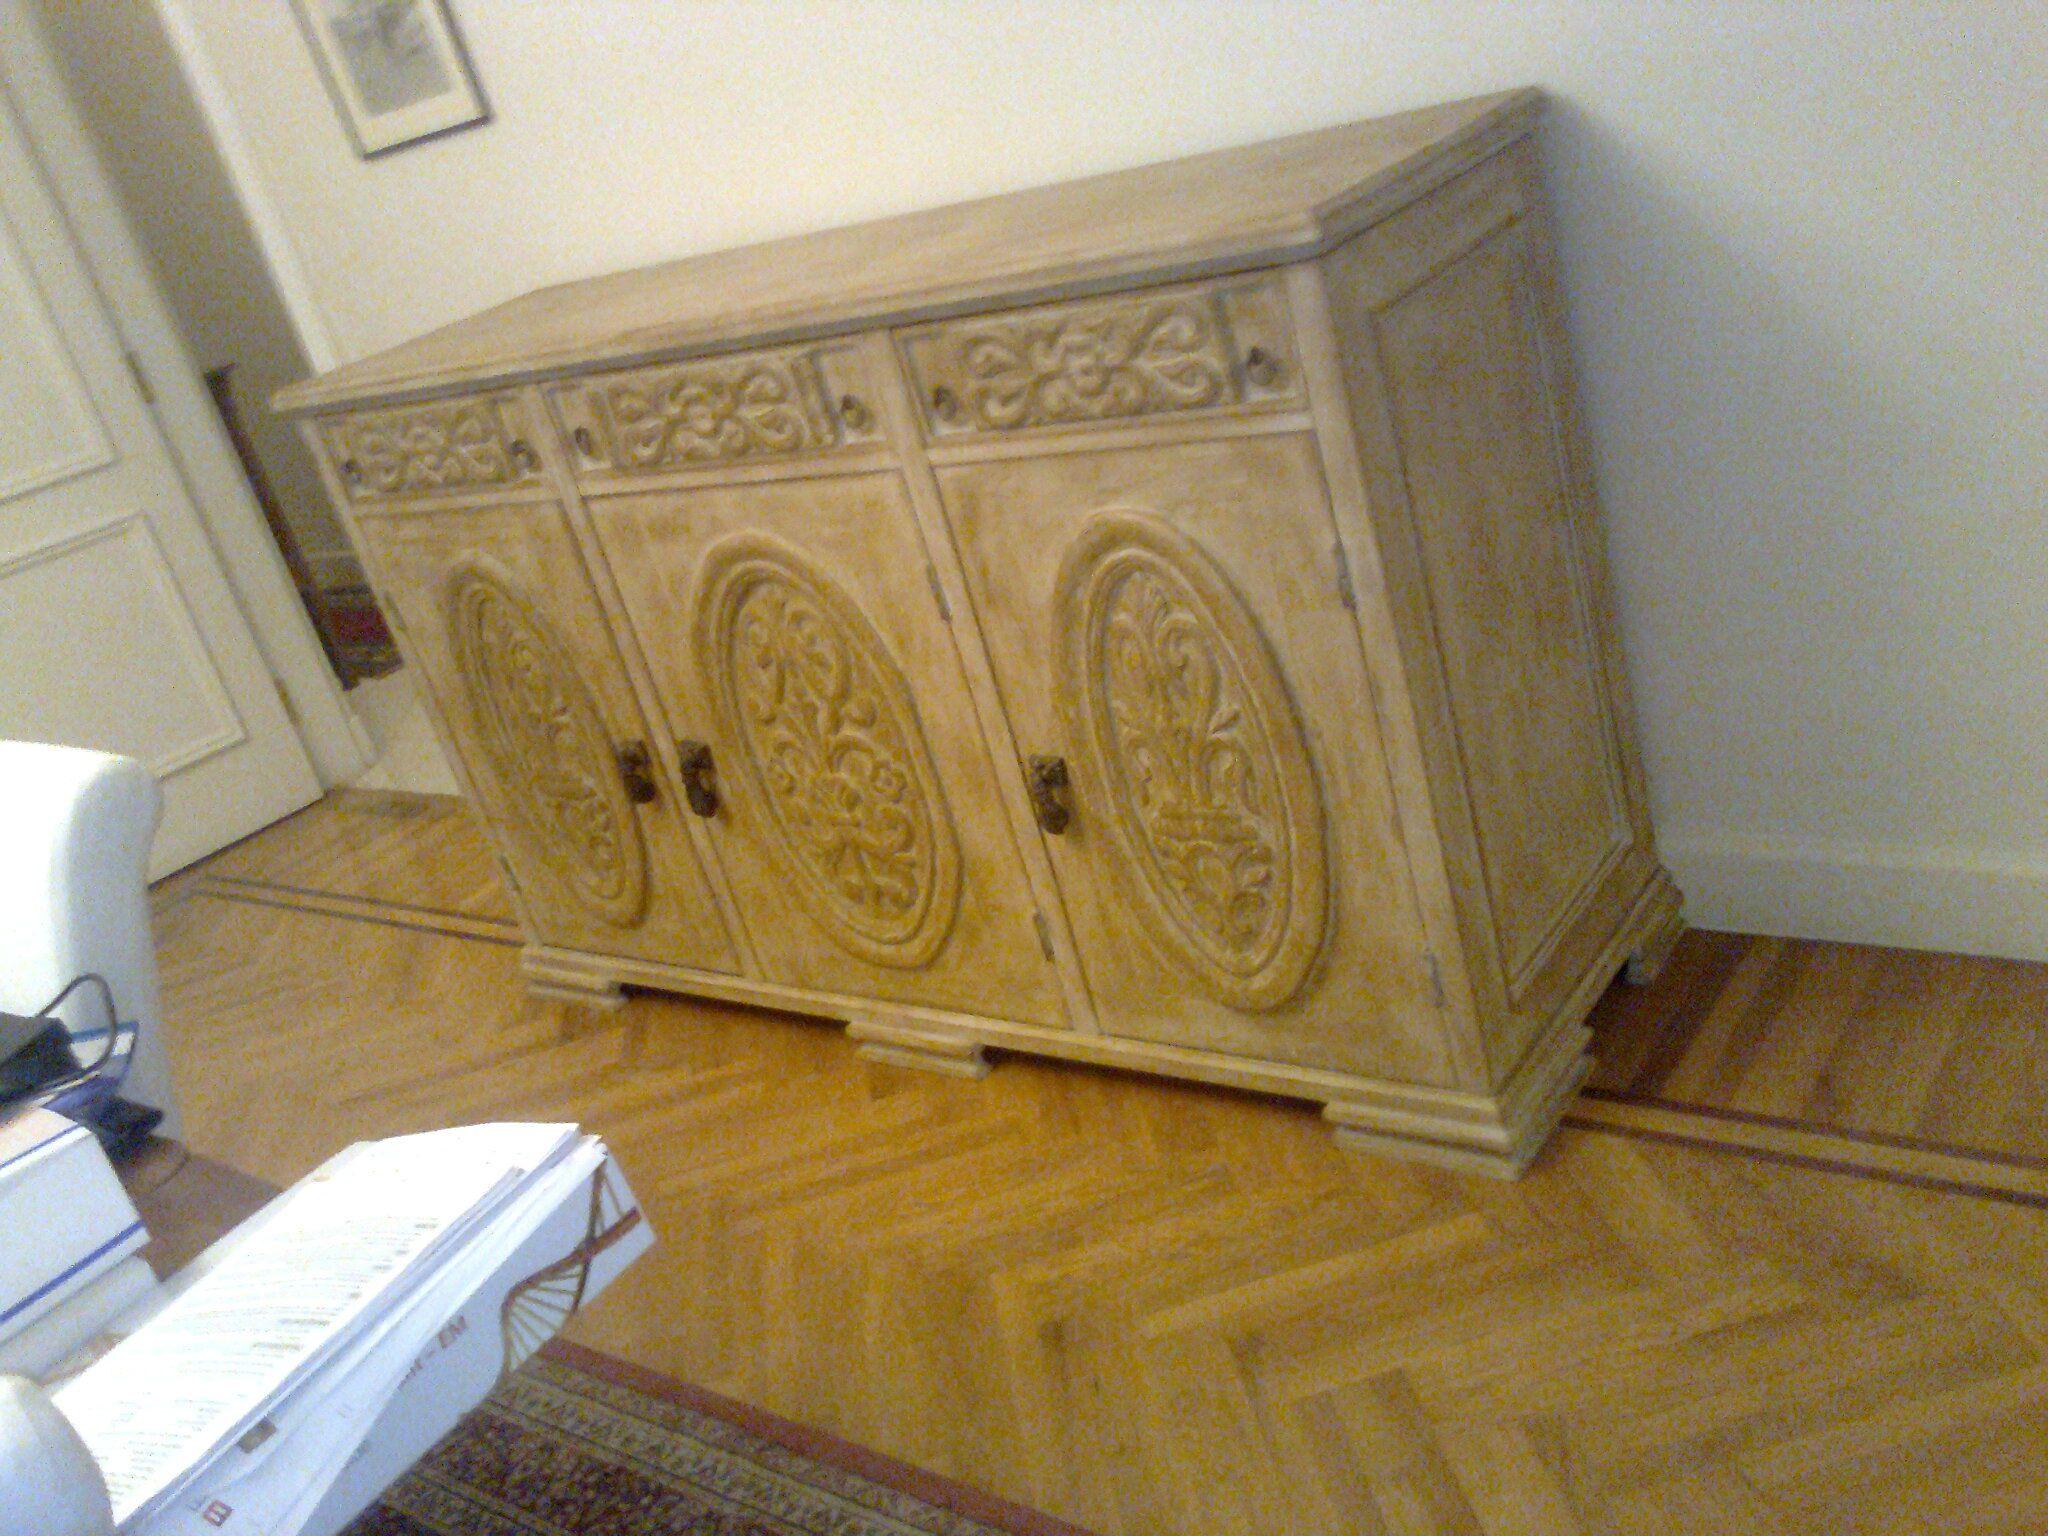 بوفيه باستخدام باب قديم Buffet Using An Old Door Entryway Tables Home Decor Decor